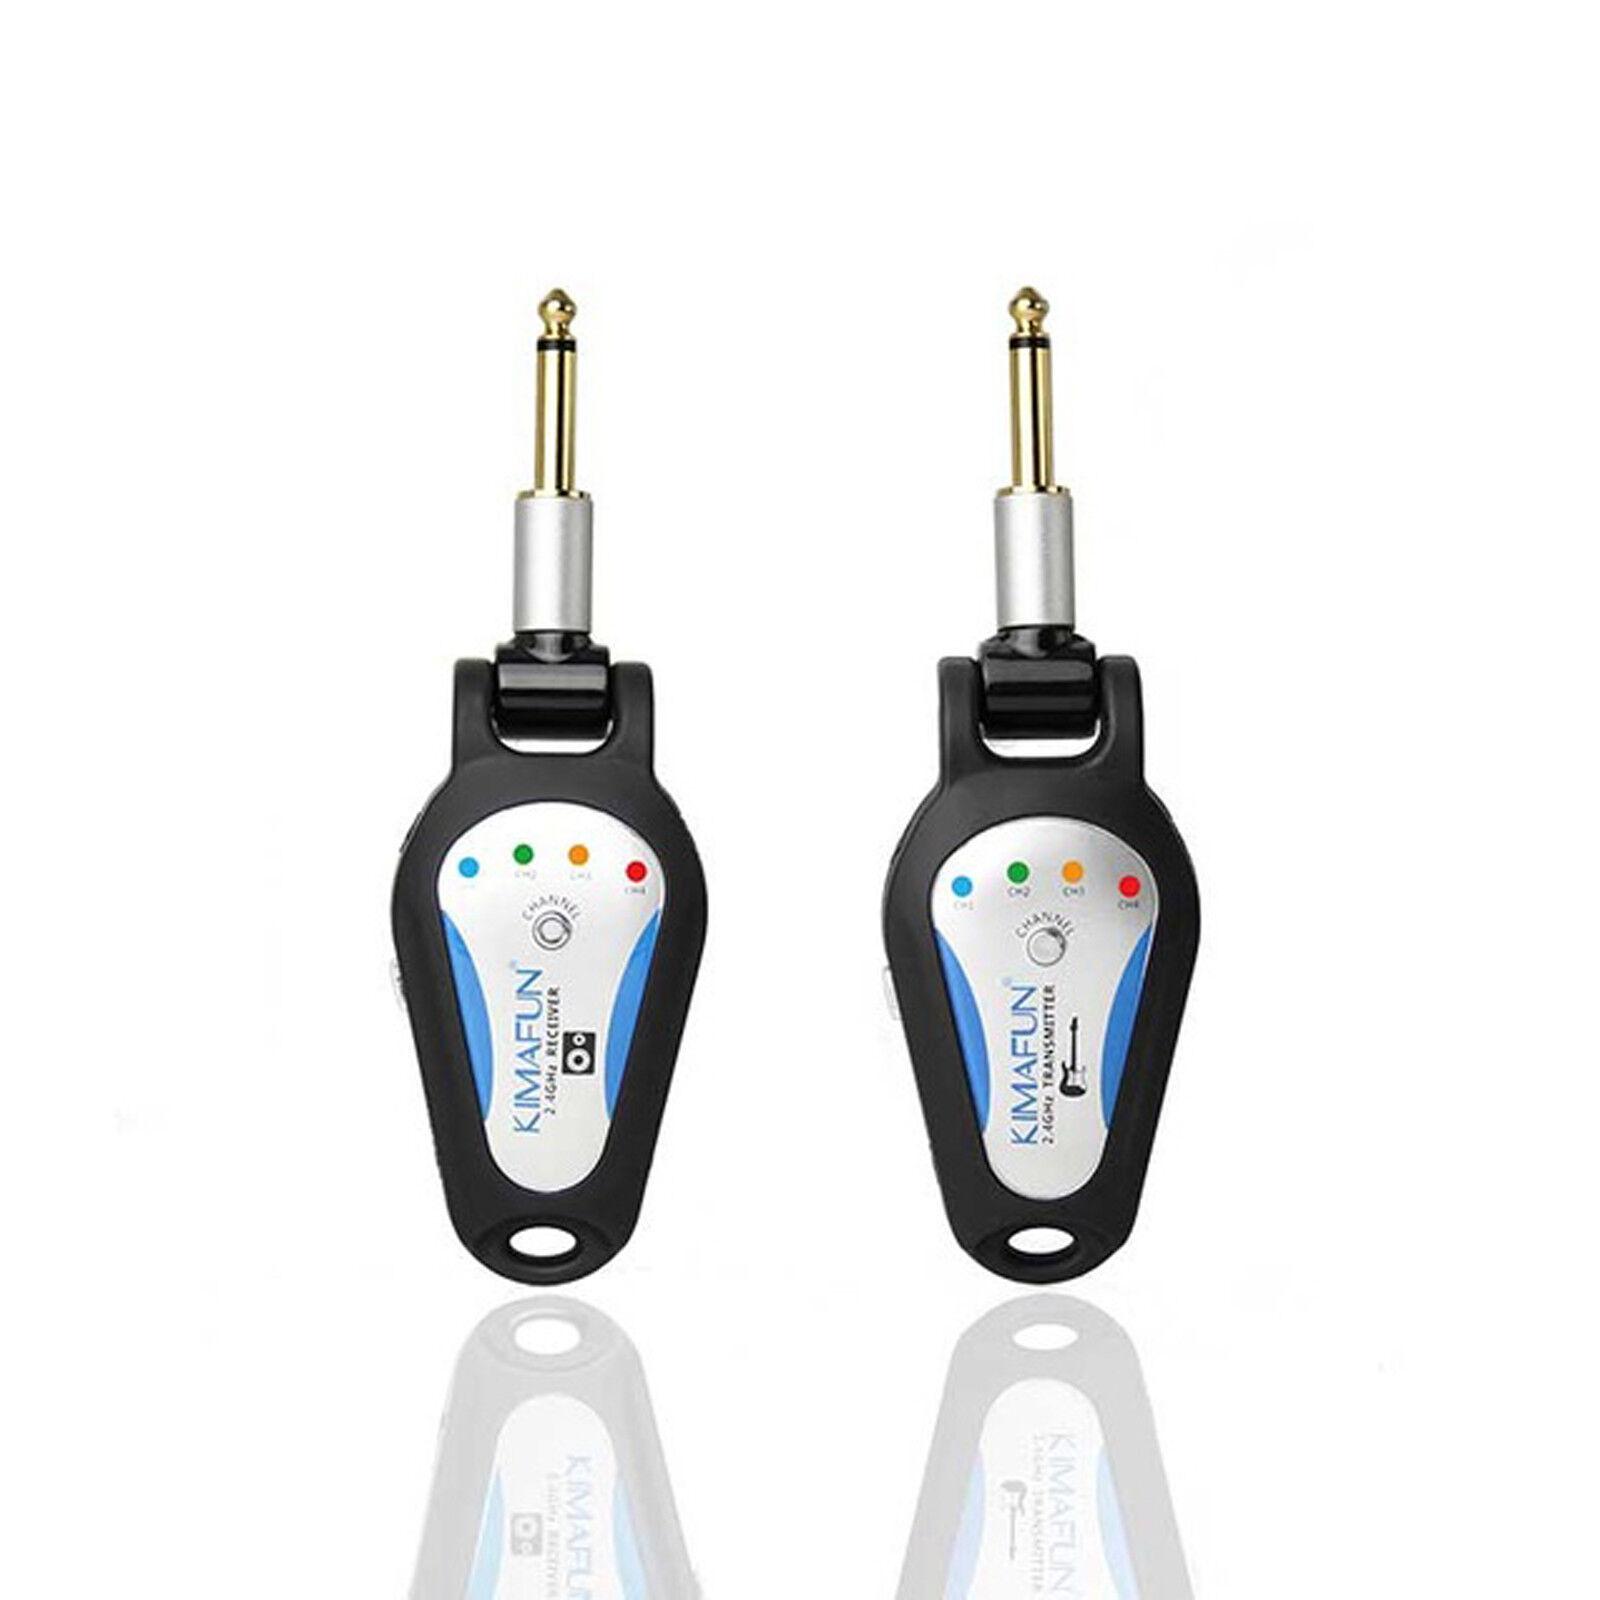 2.4G Drahtlos Audio Sender Empfänger System für E-Gitarre Bass Violine